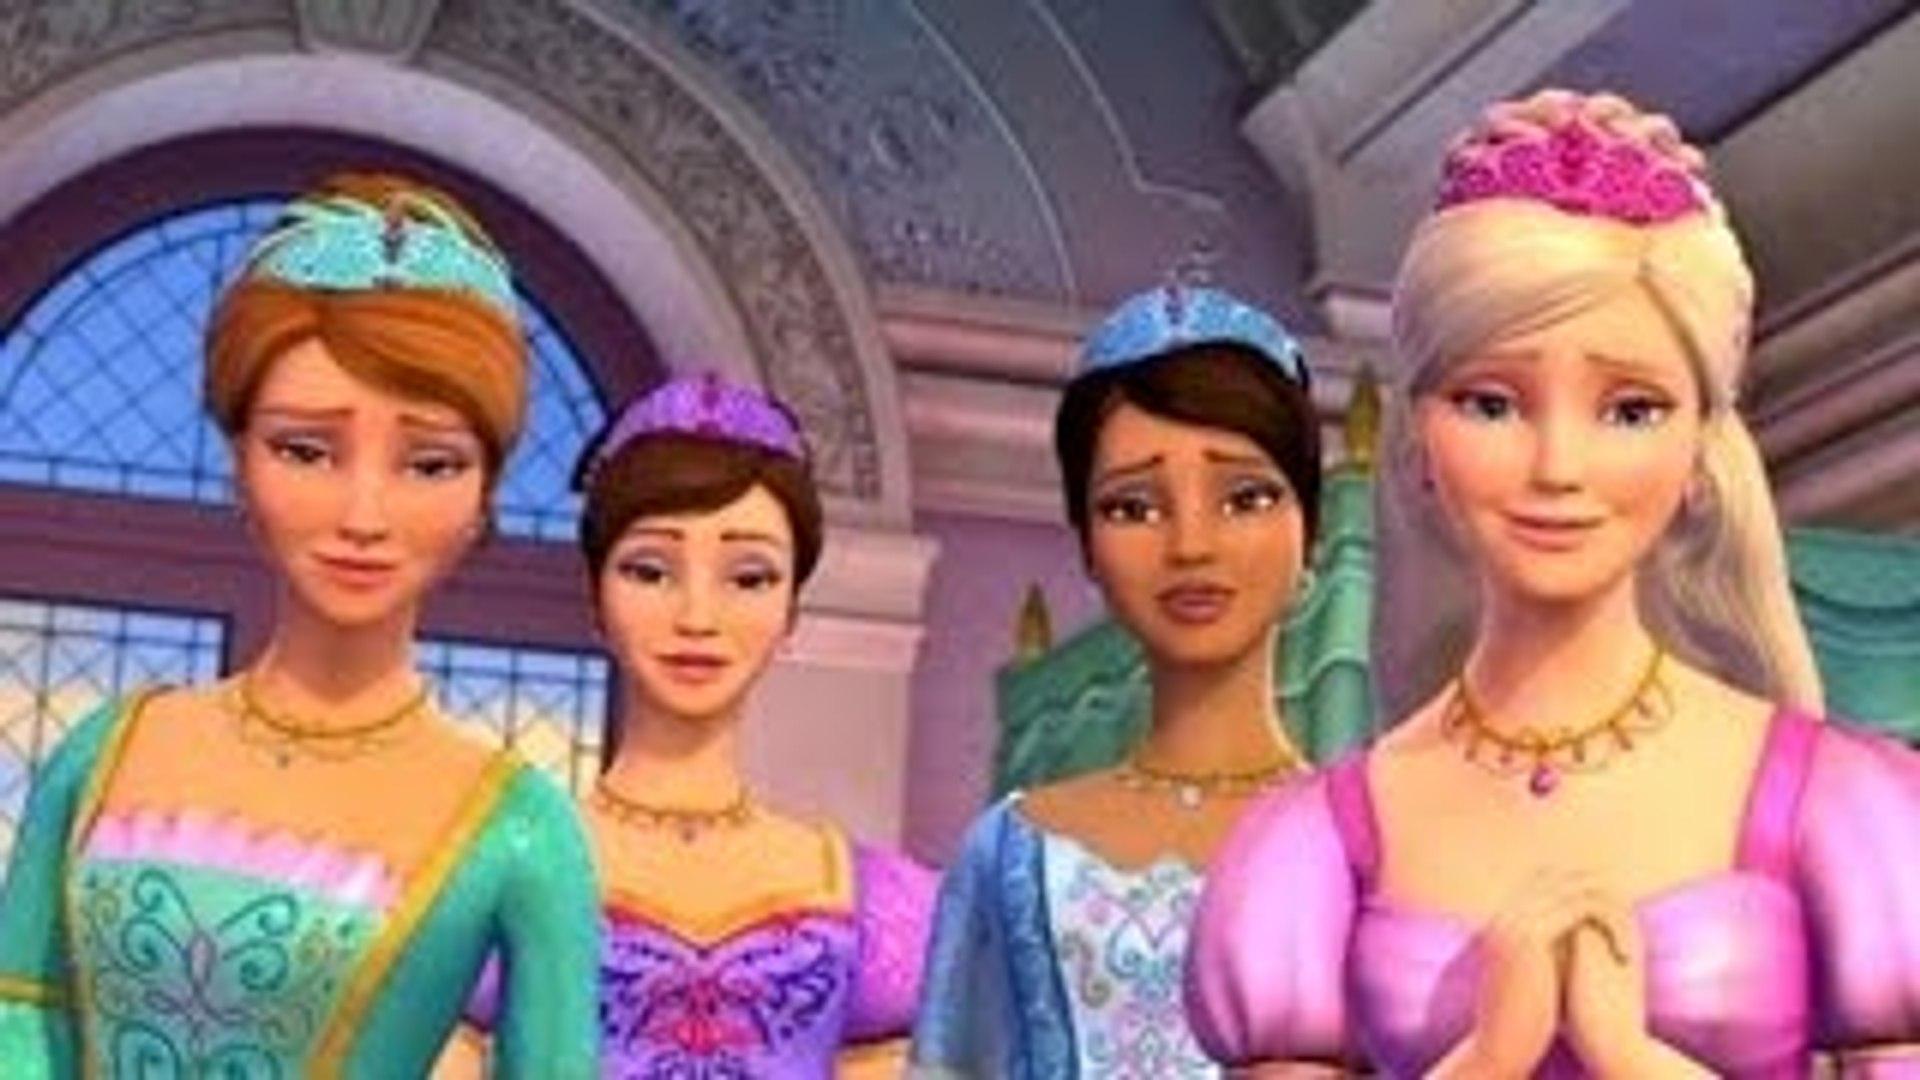 Barbie Français 2016 ✤ Barbie et les Trois Mousquetaires ✤ Barbie Princesse